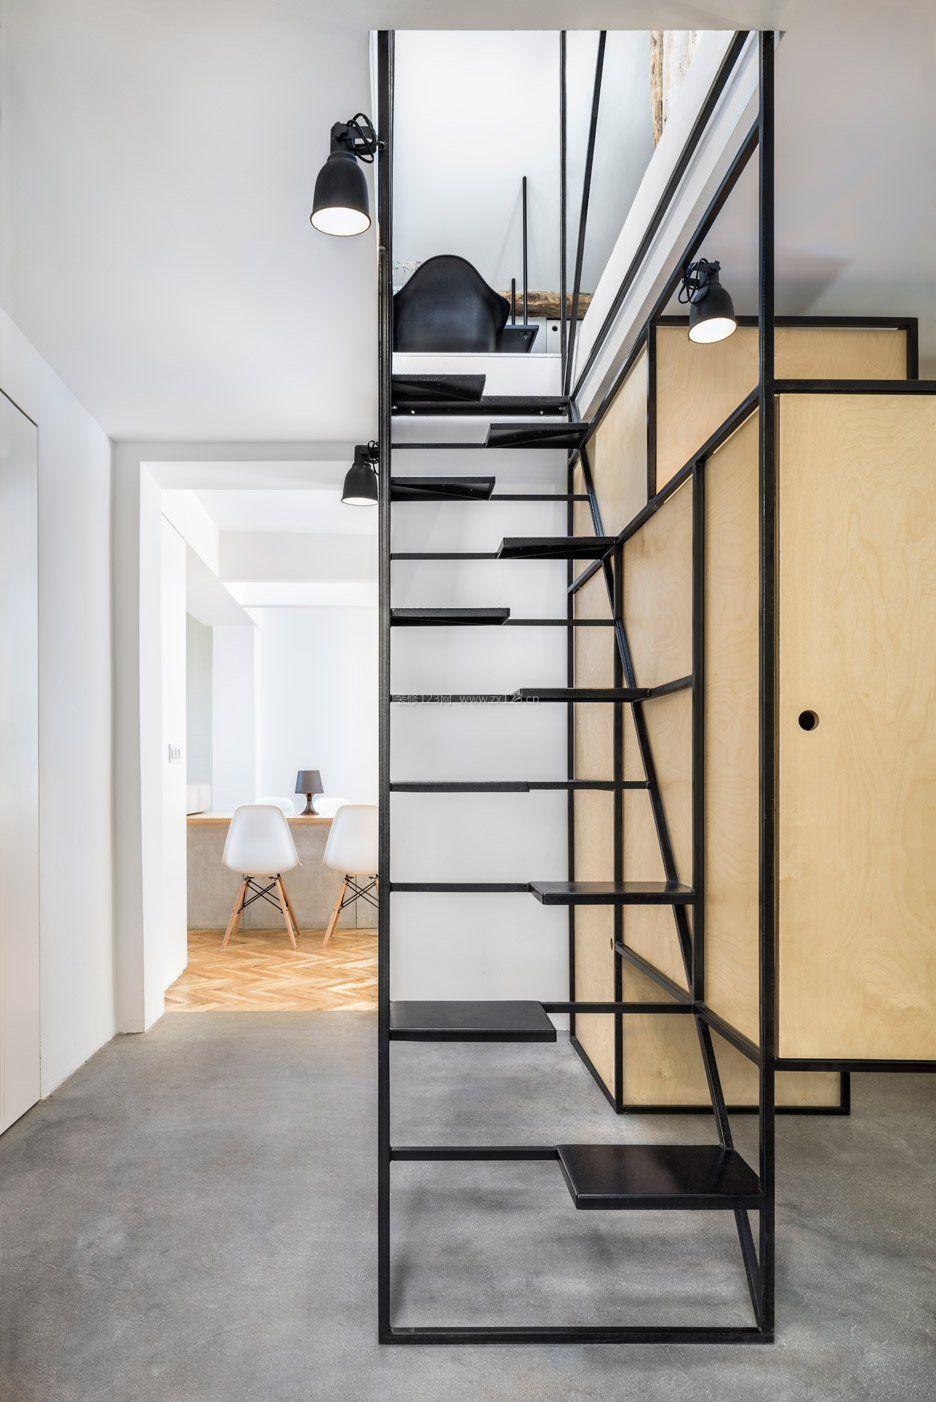 现代简约风格小空间阁楼楼梯设计装饰效果图_装修123